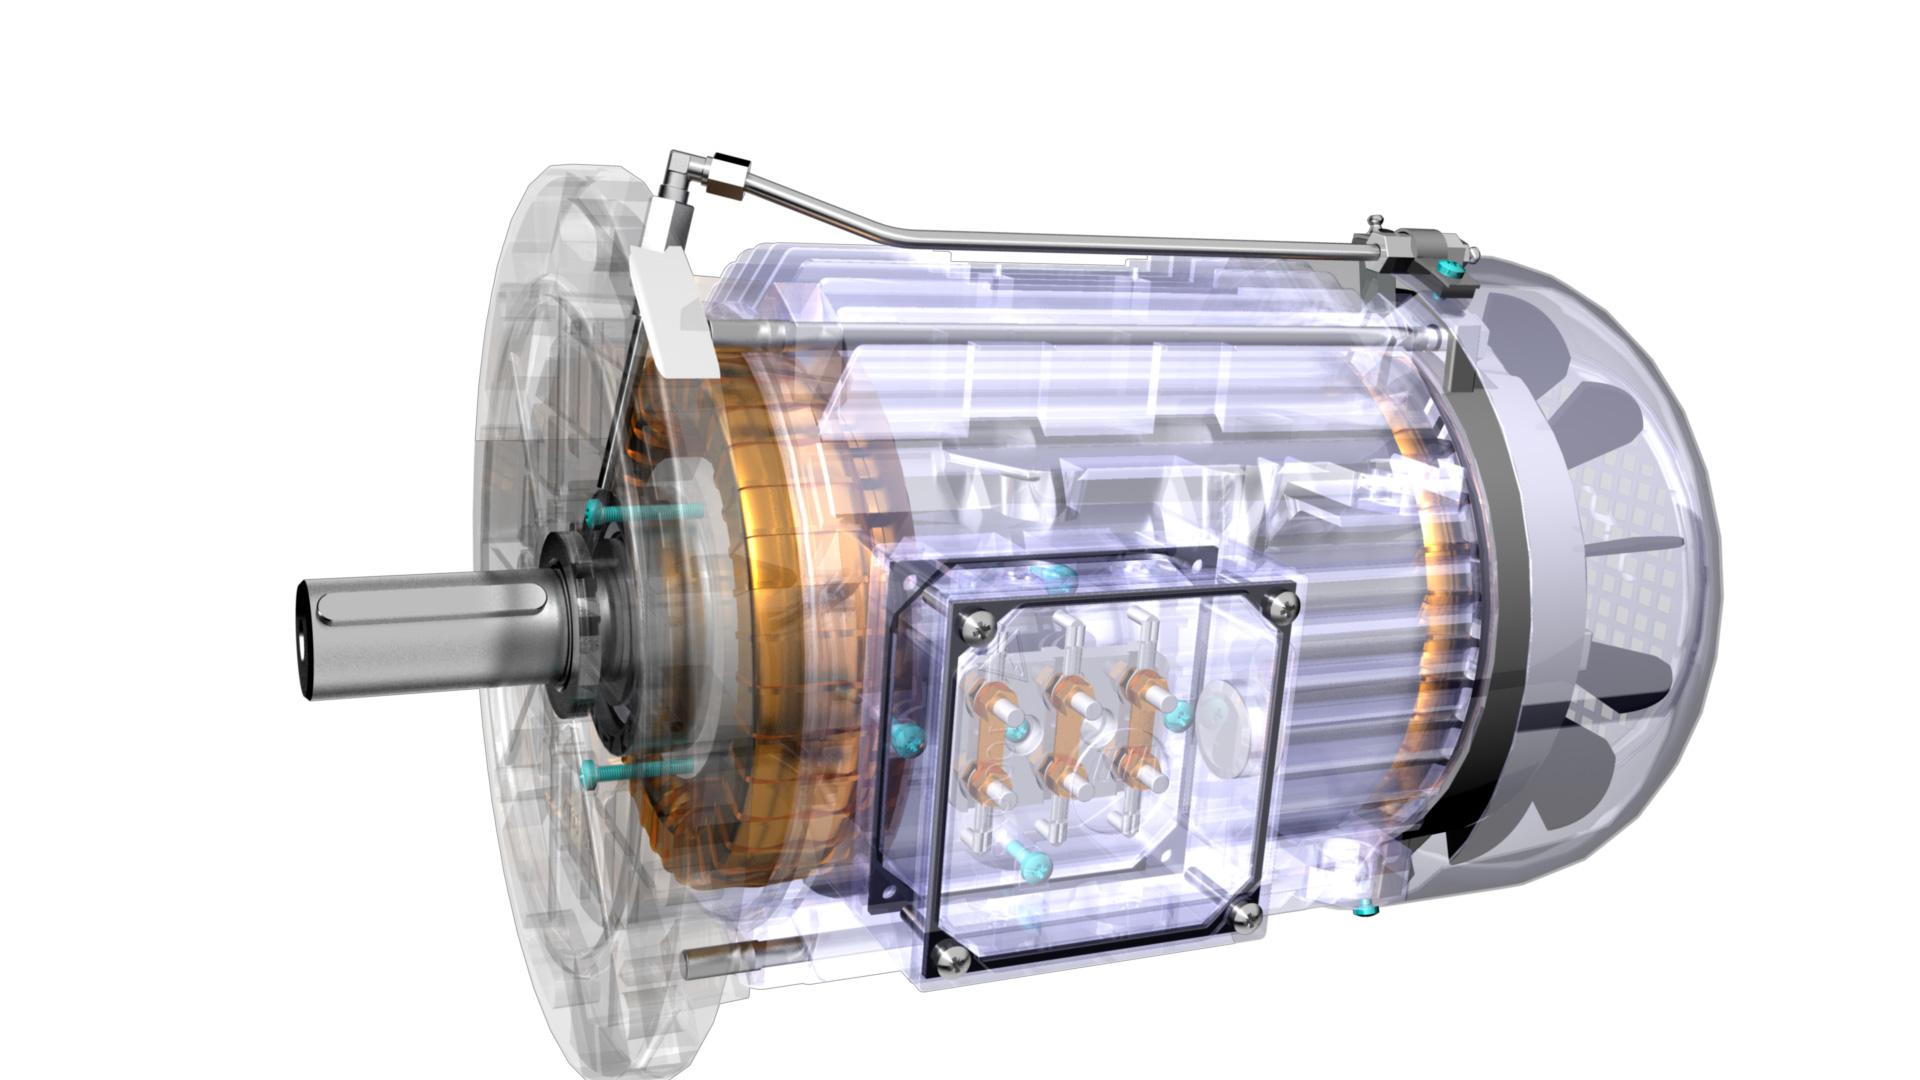 Schema Elettrico Za : Impianto elettrico electrical wiring moto guzzi cardellino